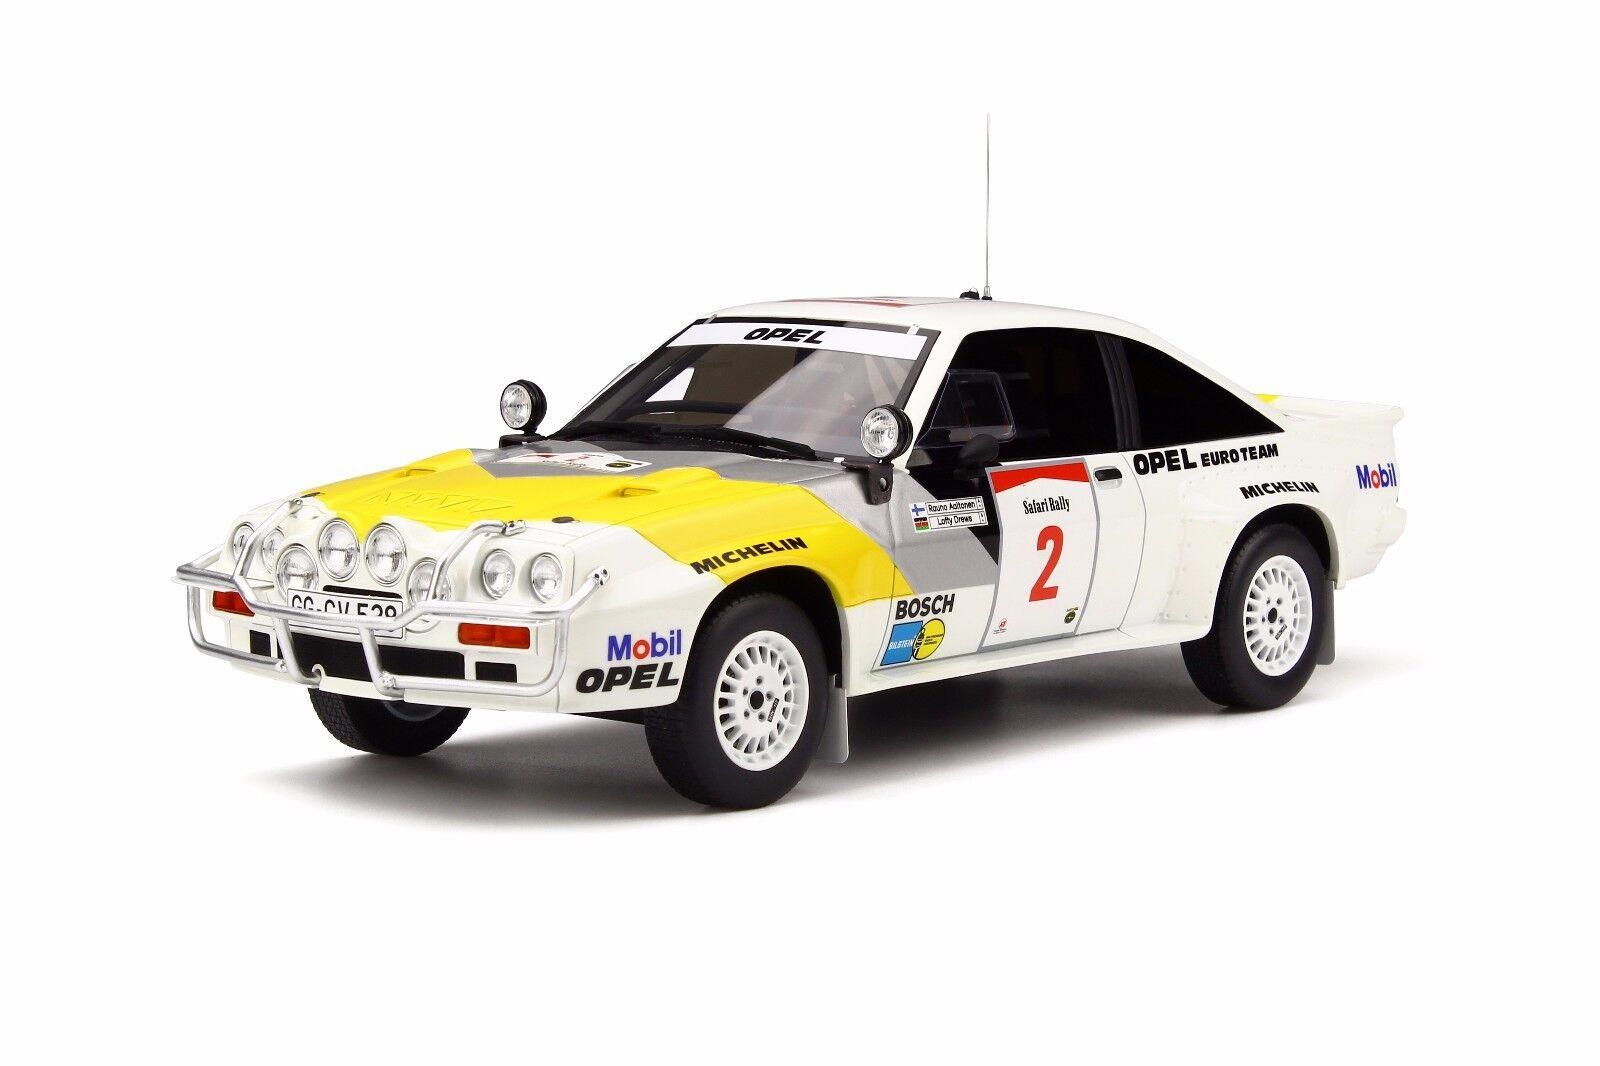 OPEL Manta 400 groupe B Safari Rally  NUOVO  otto ot245  1 18